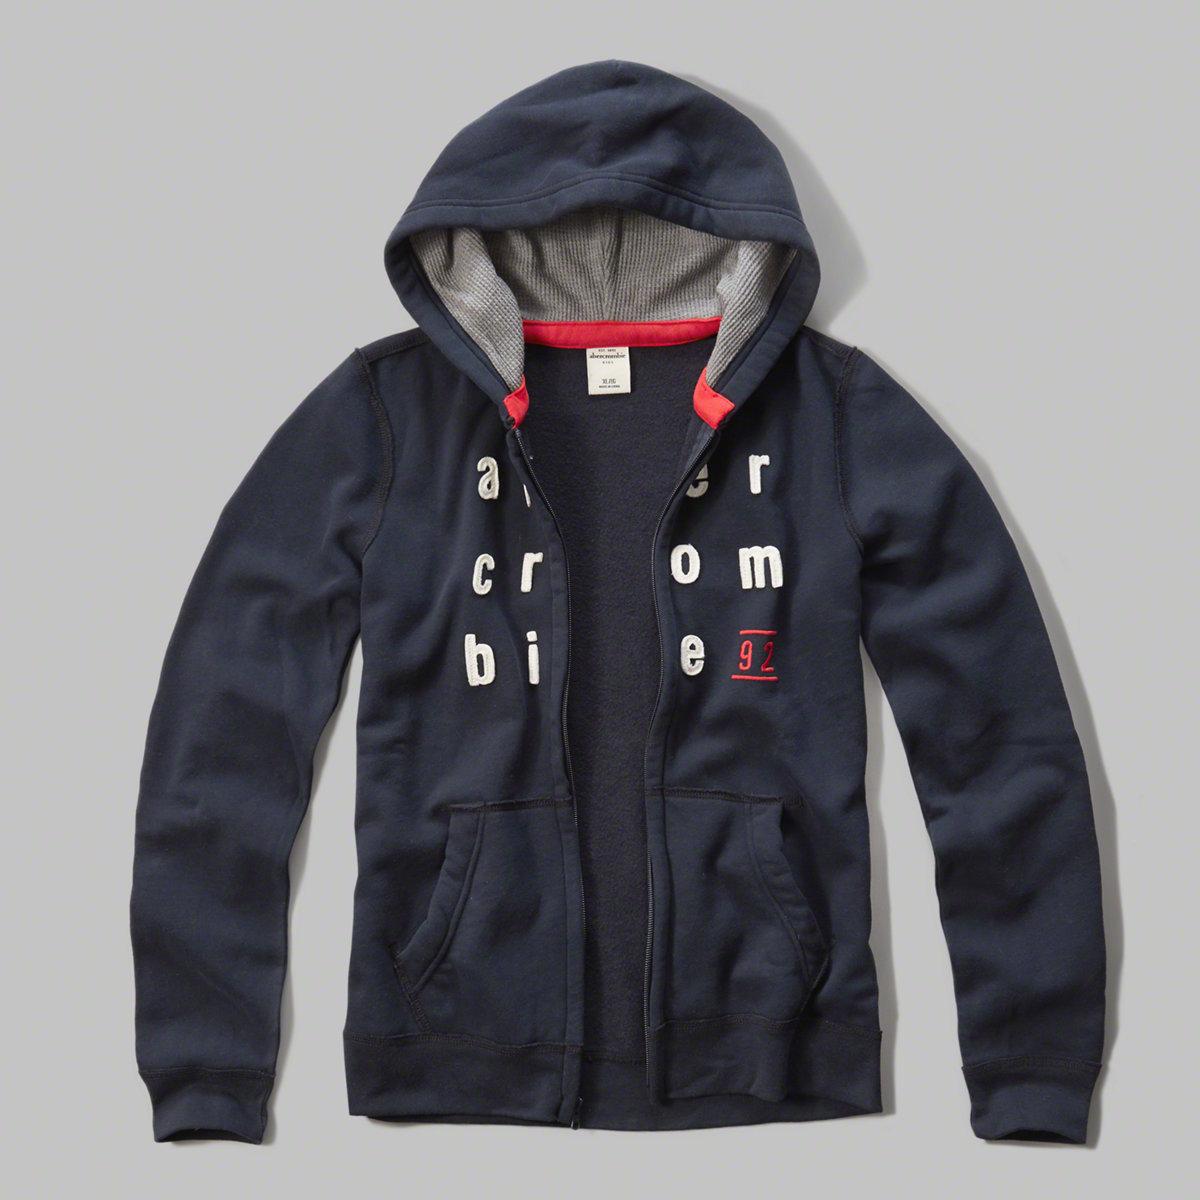 美國百分百【Abercrombie & Fitch】外套 AF 連帽 長袖 夾克 麋鹿 深藍 男 女 特價 XS S號 F804